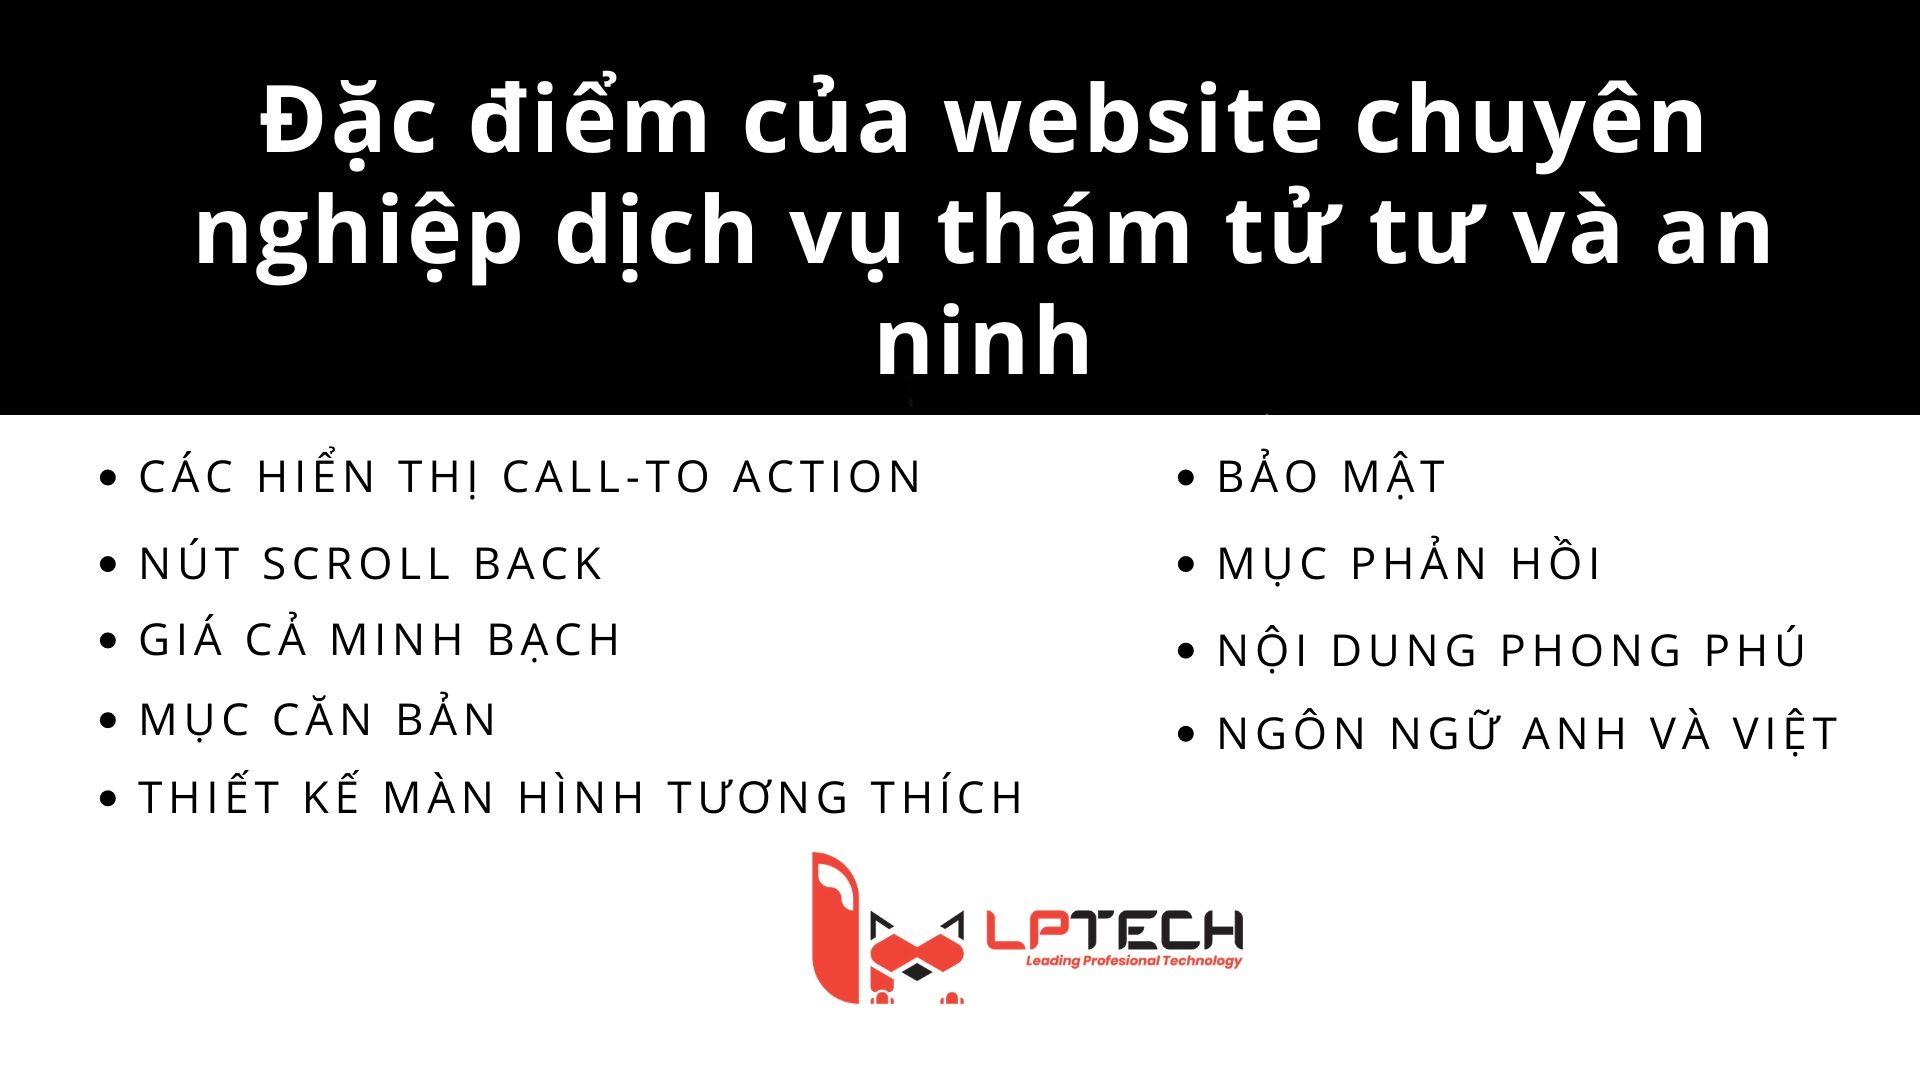 Các đặc điểm của website chuyên nghiệp cho dịch vụ thám tử tư và bảo vệ